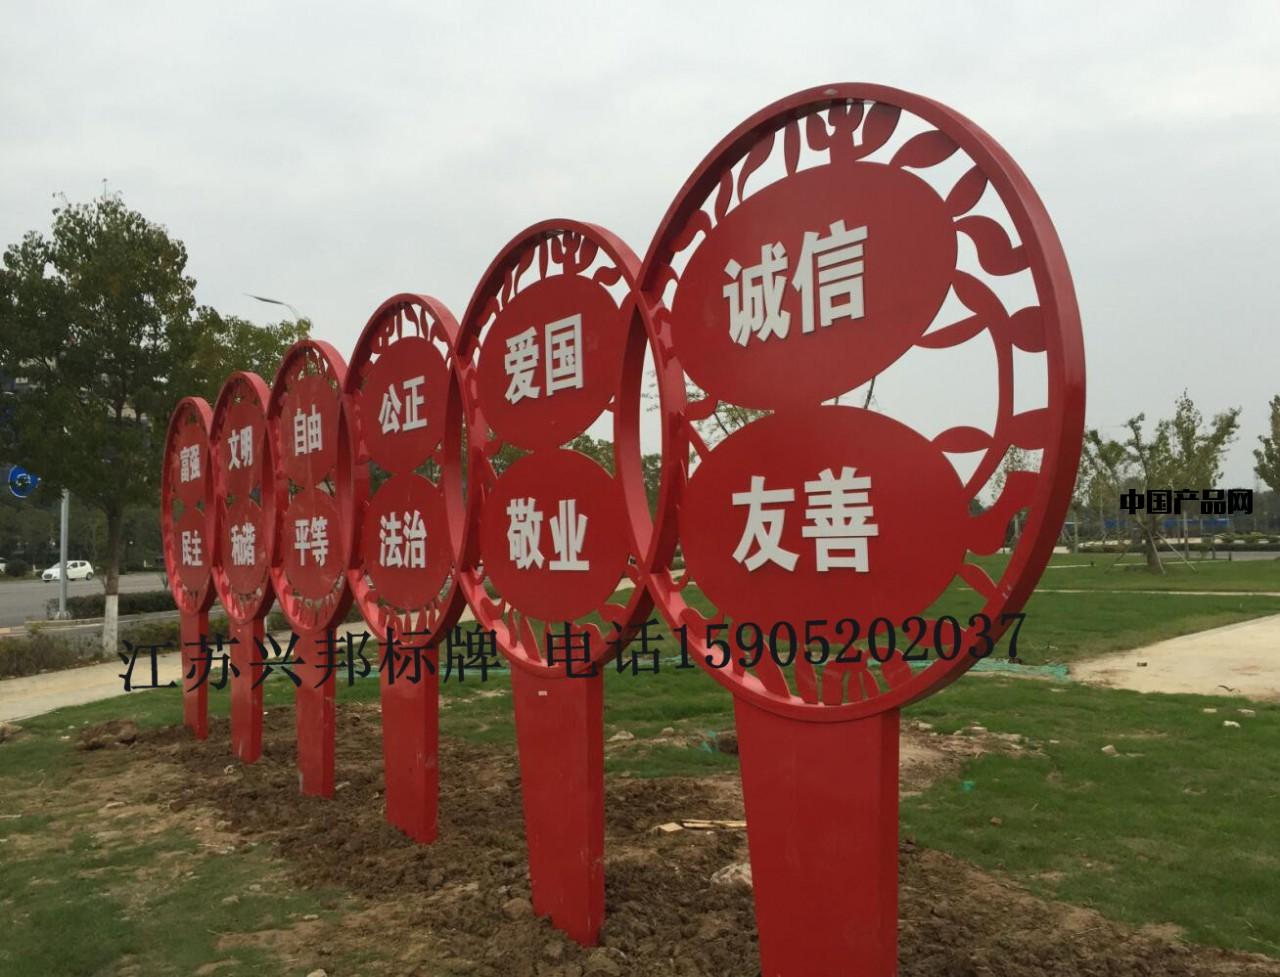 社会主义核心价值观雕塑制造厂家